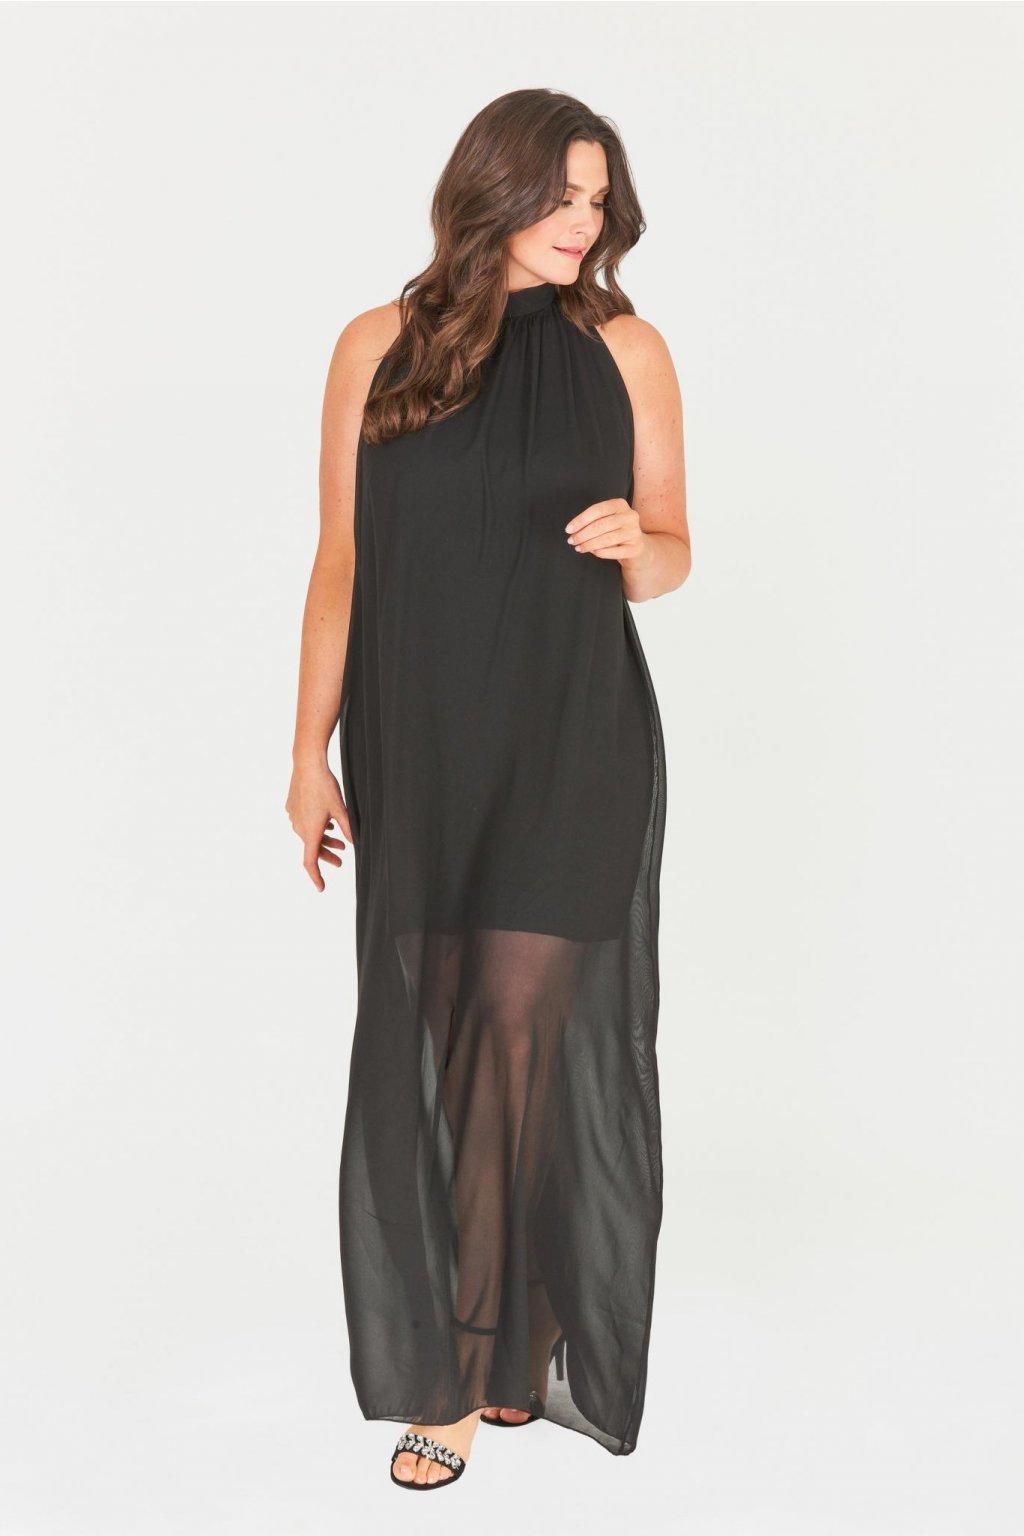 Dlouhé černé šaty Saydee s průhlednou sukní 1